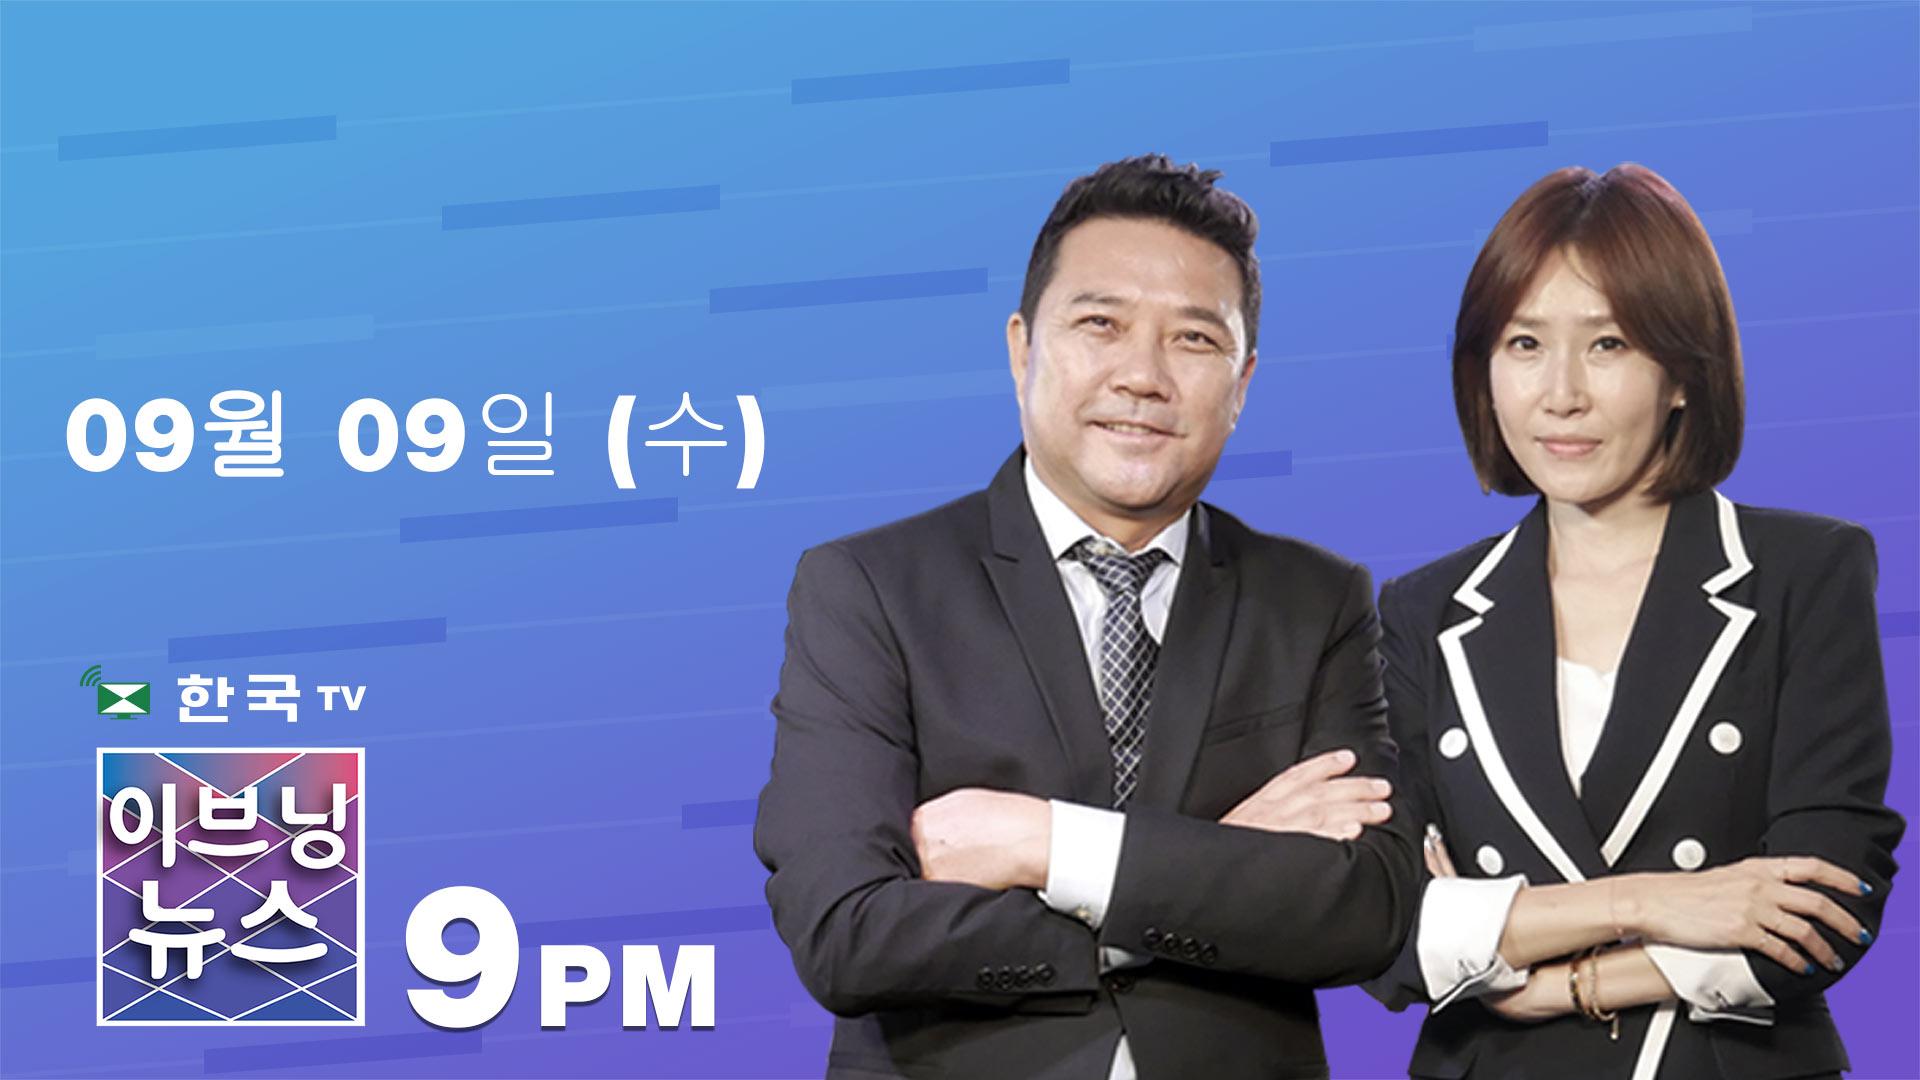 (09.09.2020) 한국TV 이브닝 뉴스